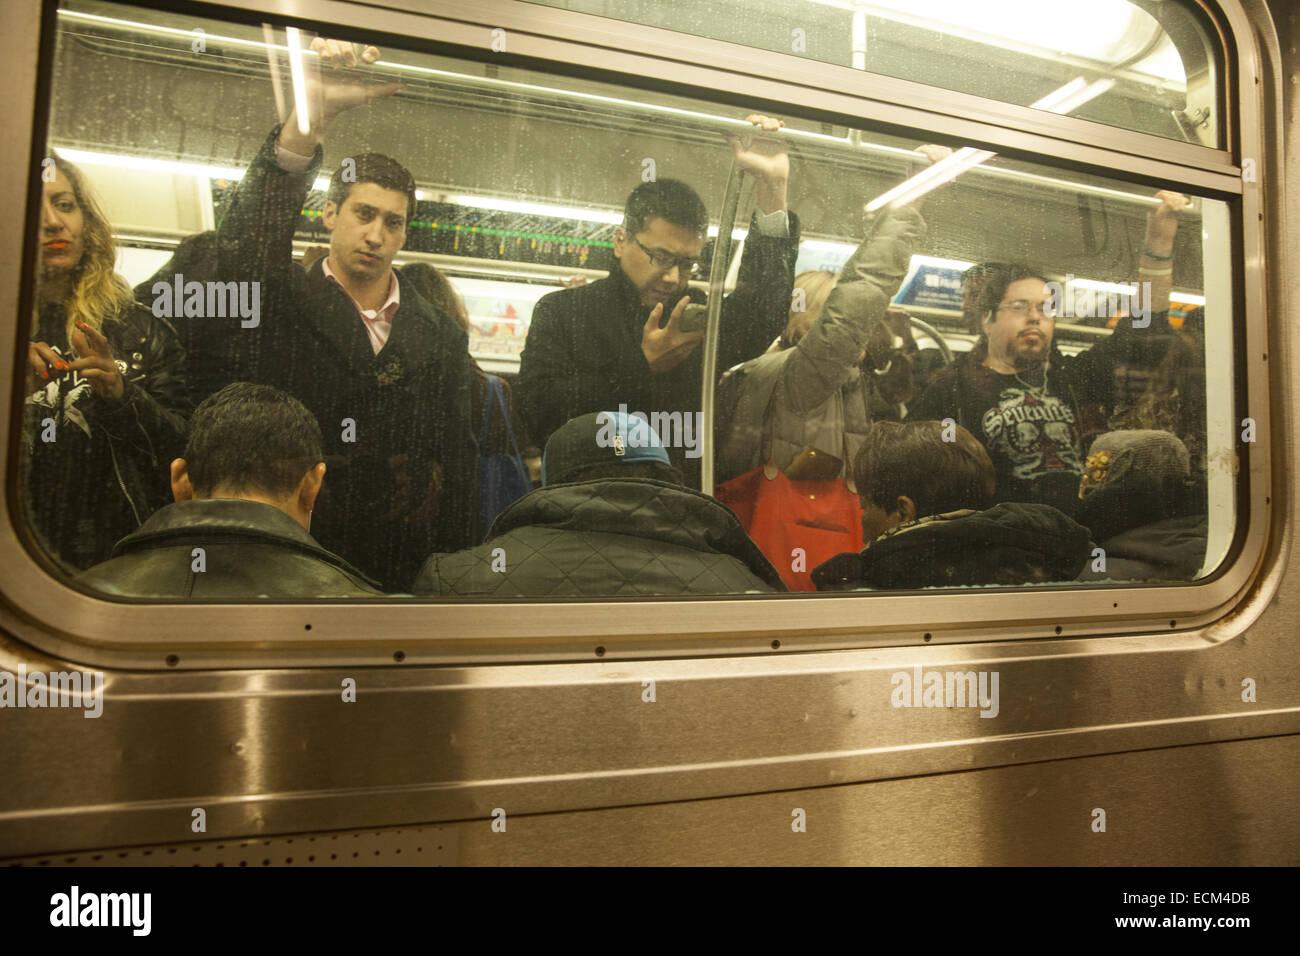 Überfüllten u-Bahn-Wagen im Feierabendverkehr auf der Lexington #6 Linie, Manhattan, NYC Stockbild